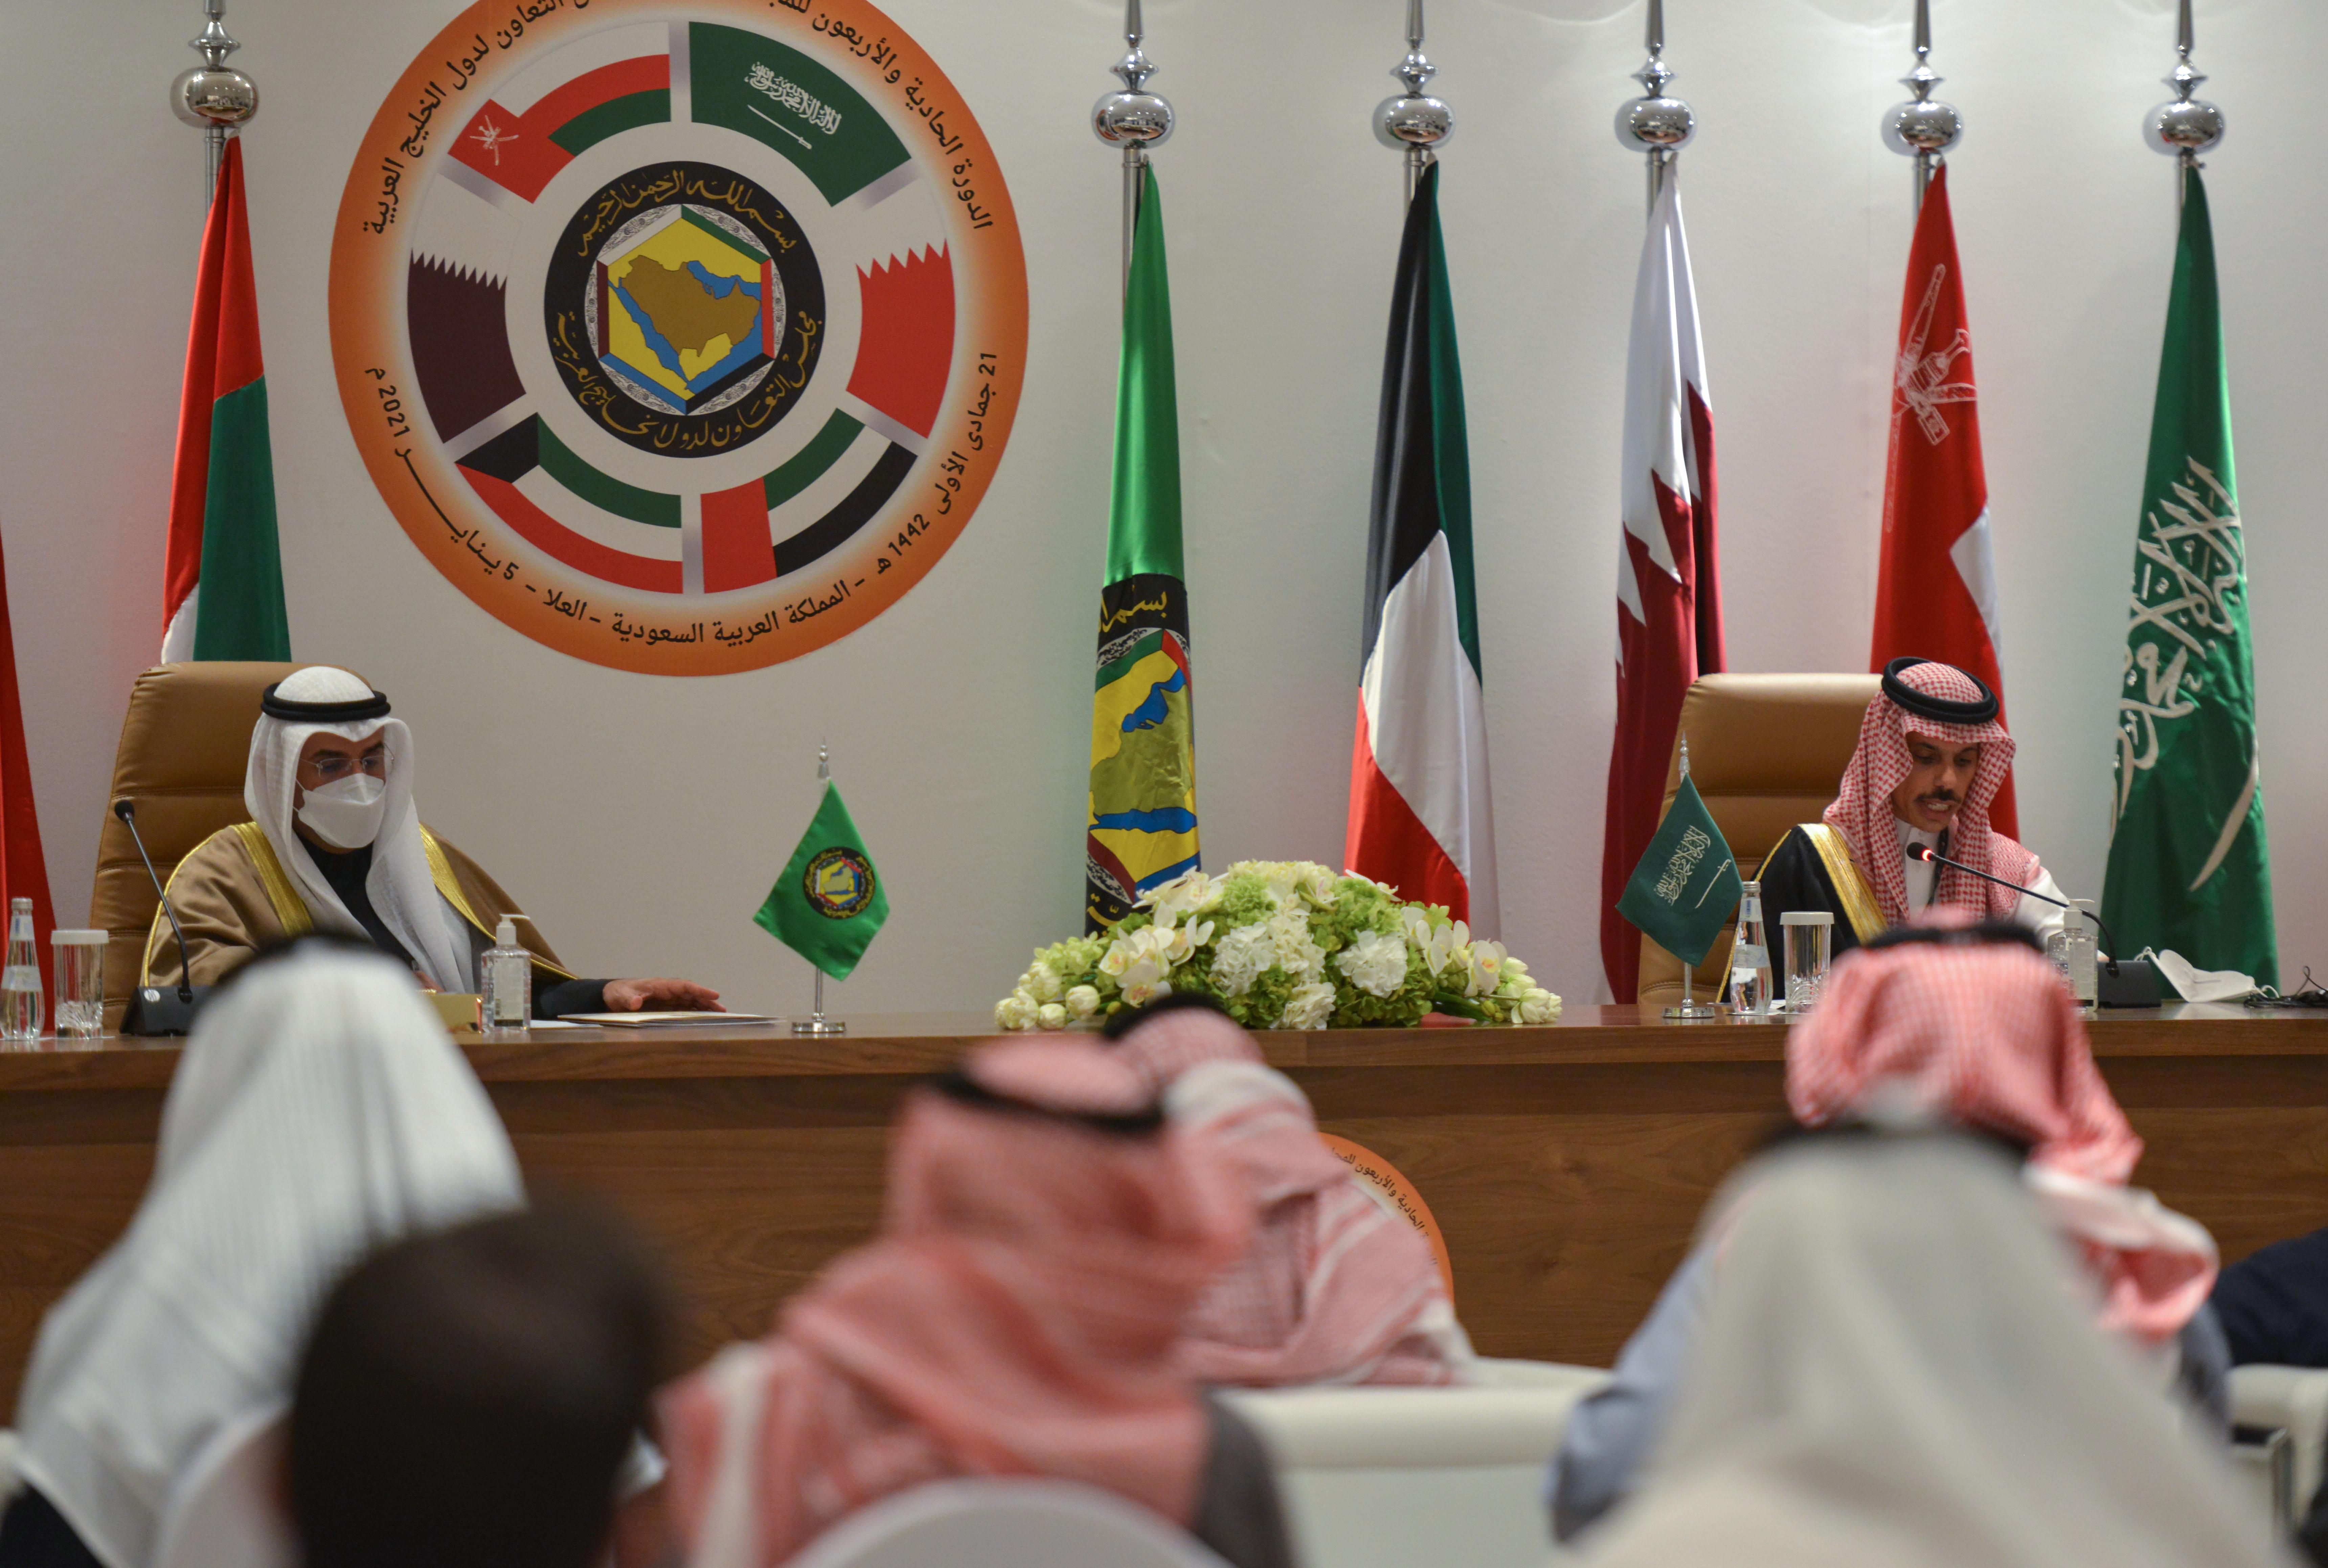 UN chief welcomes outcome of GCC Summit